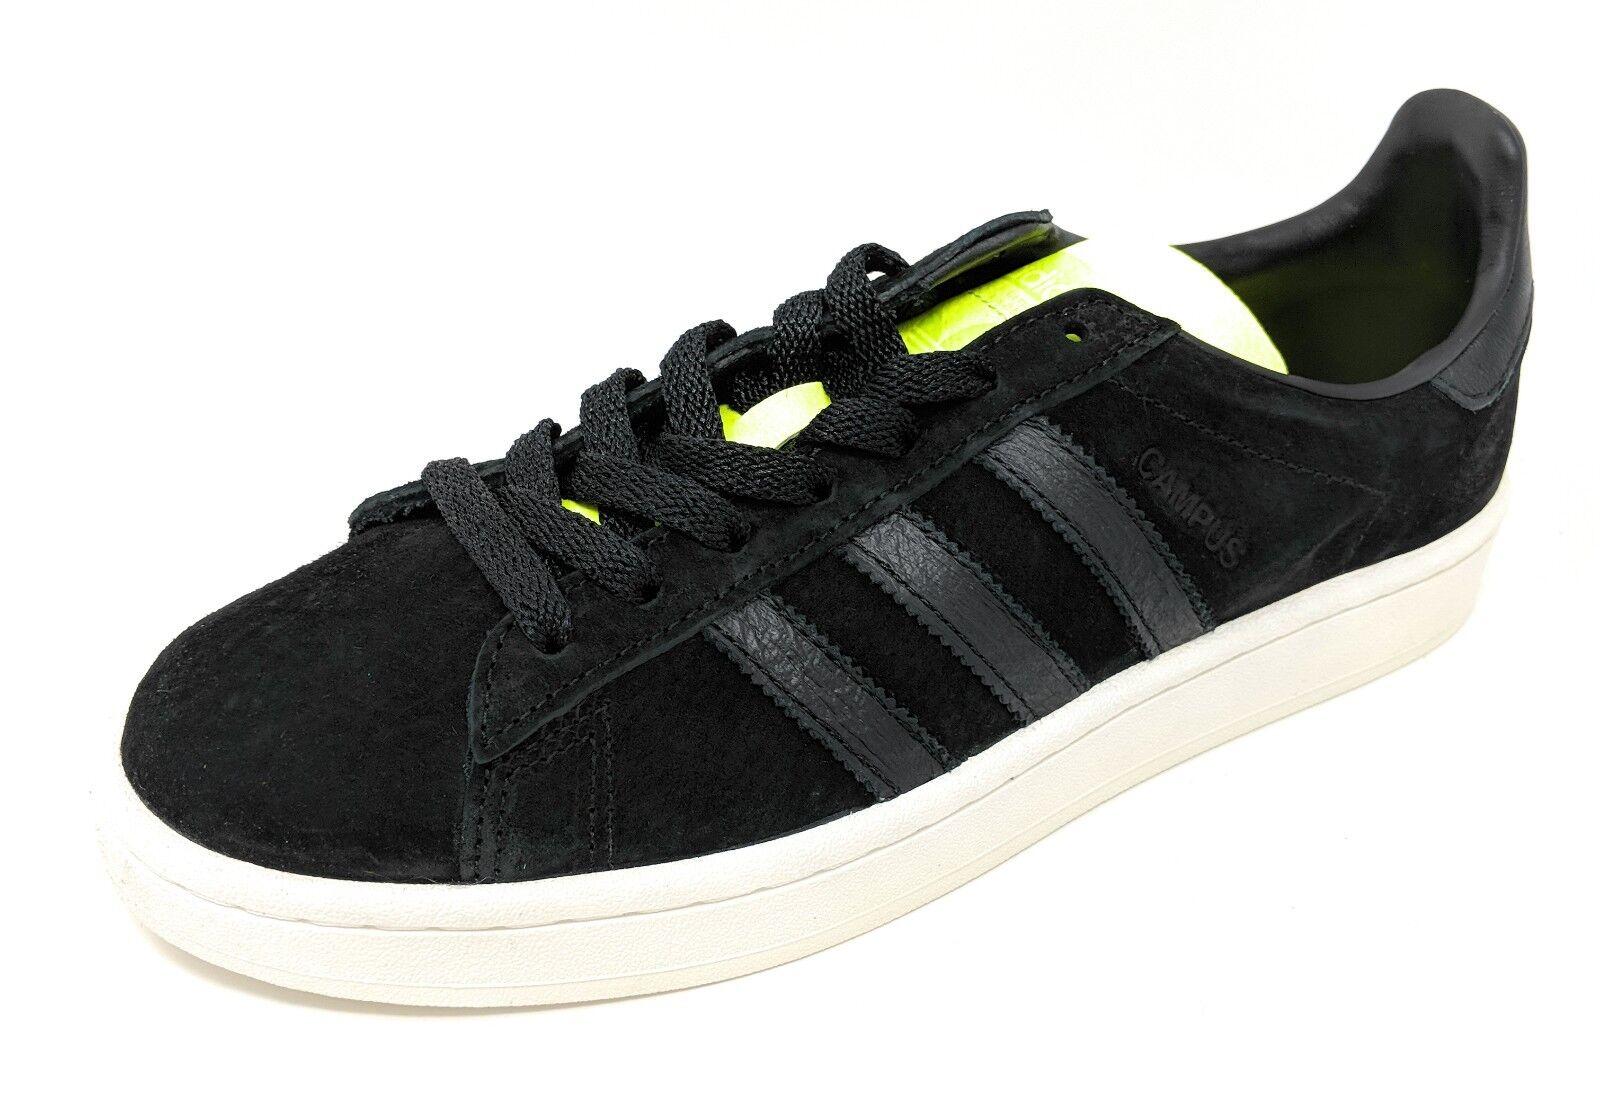 adidas Men's Originals Campus Shoes #BB0082  Black/Black/Yellow Suede Medium